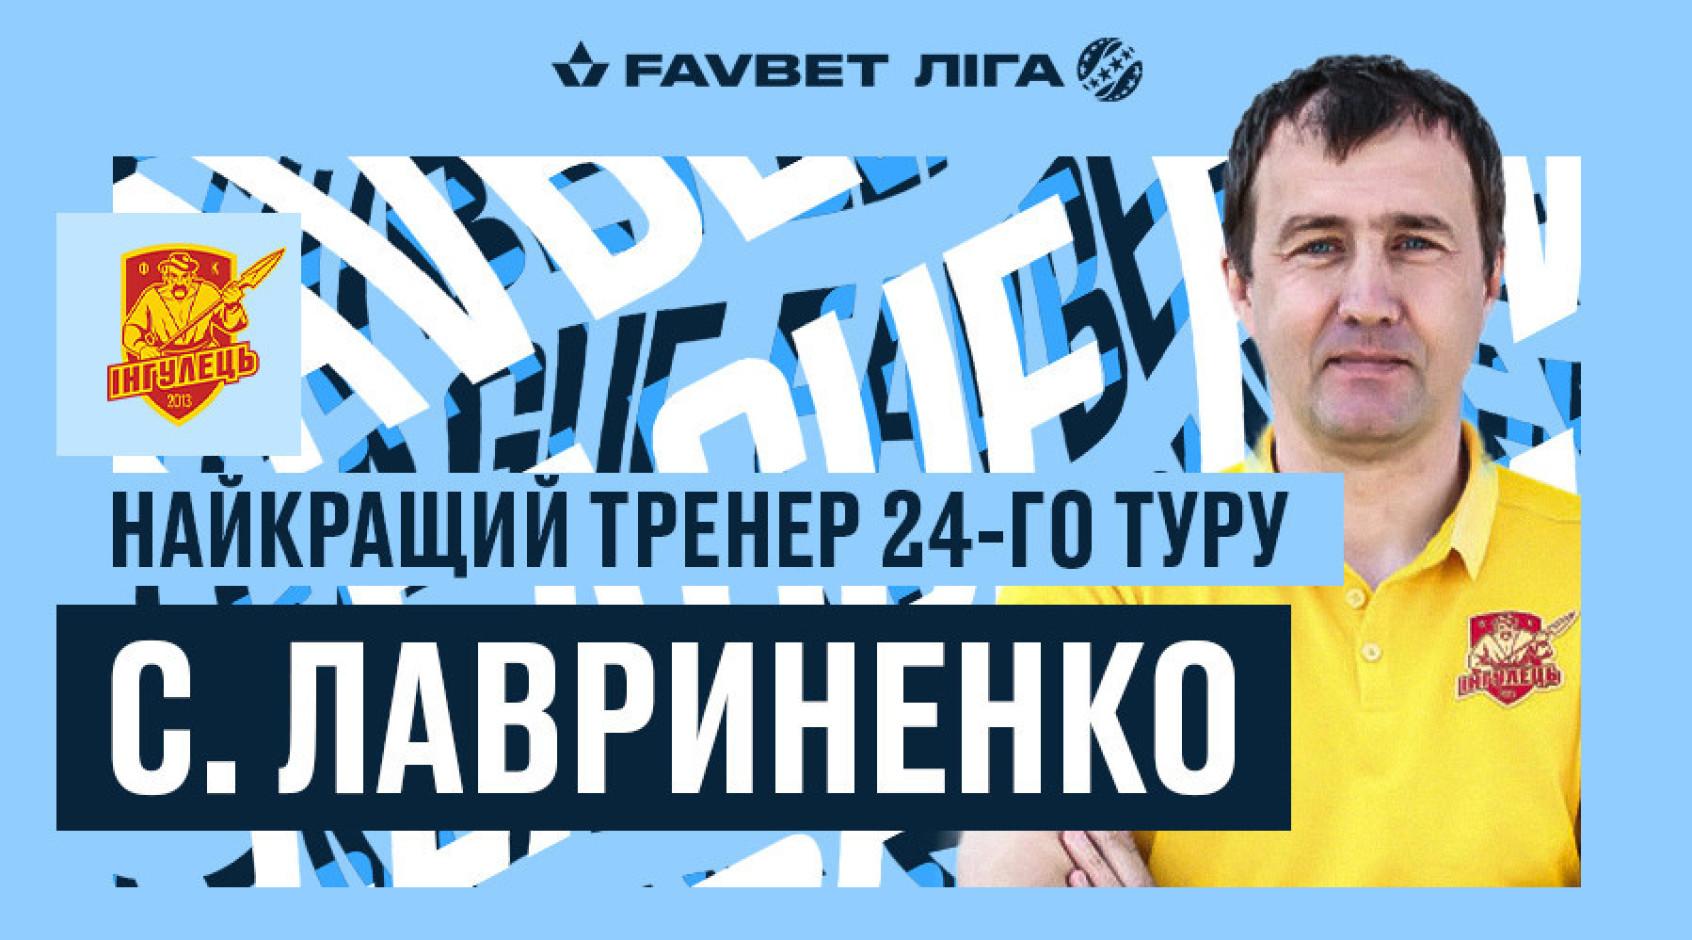 Сергій Лавриненко - найкращий тренер 24-го туру Favbet Ліги